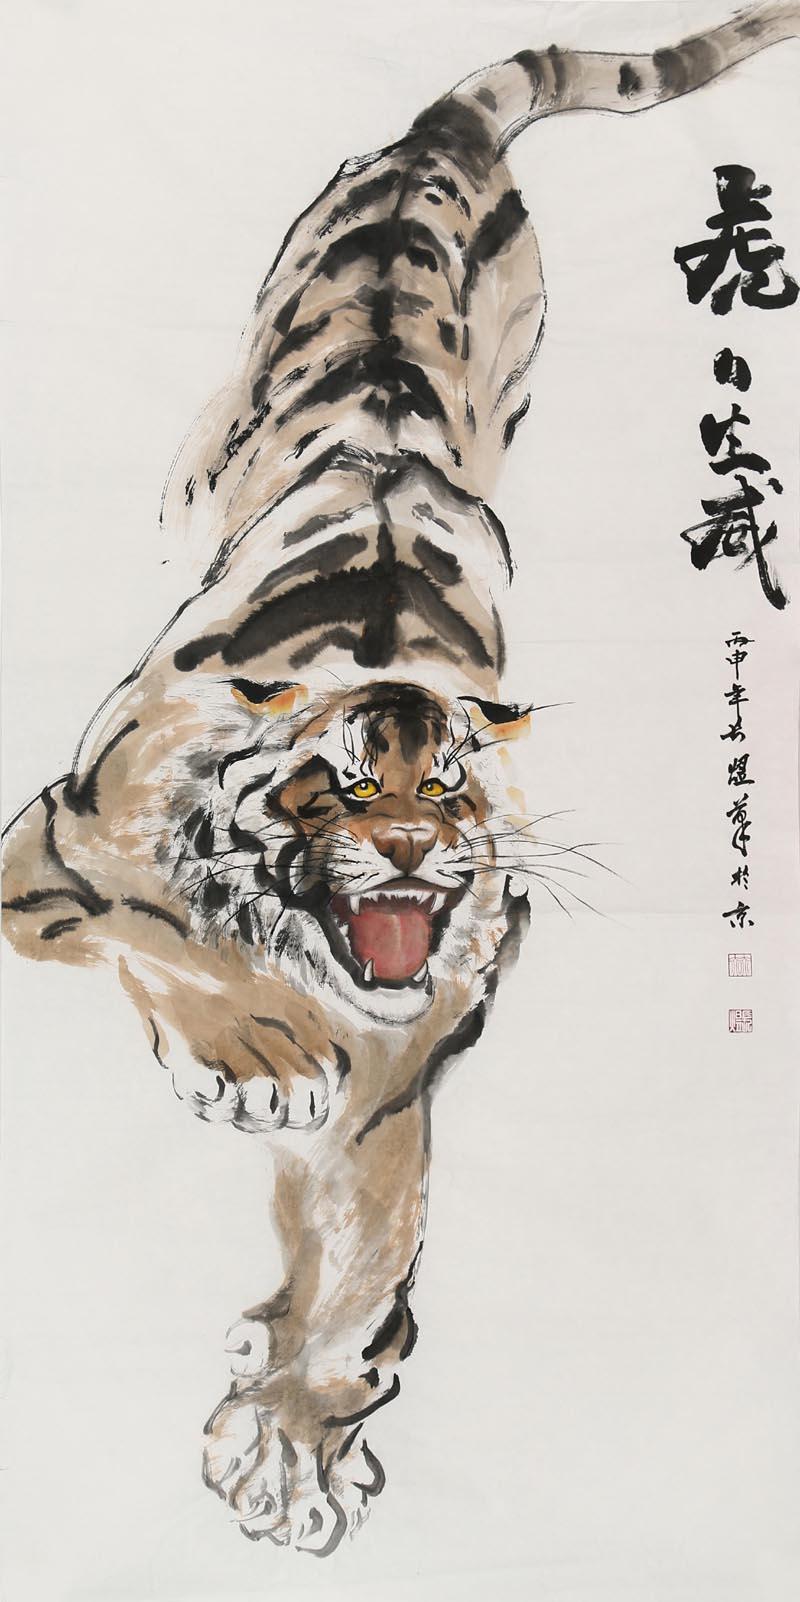 赫长煜hzy 动物字画作品